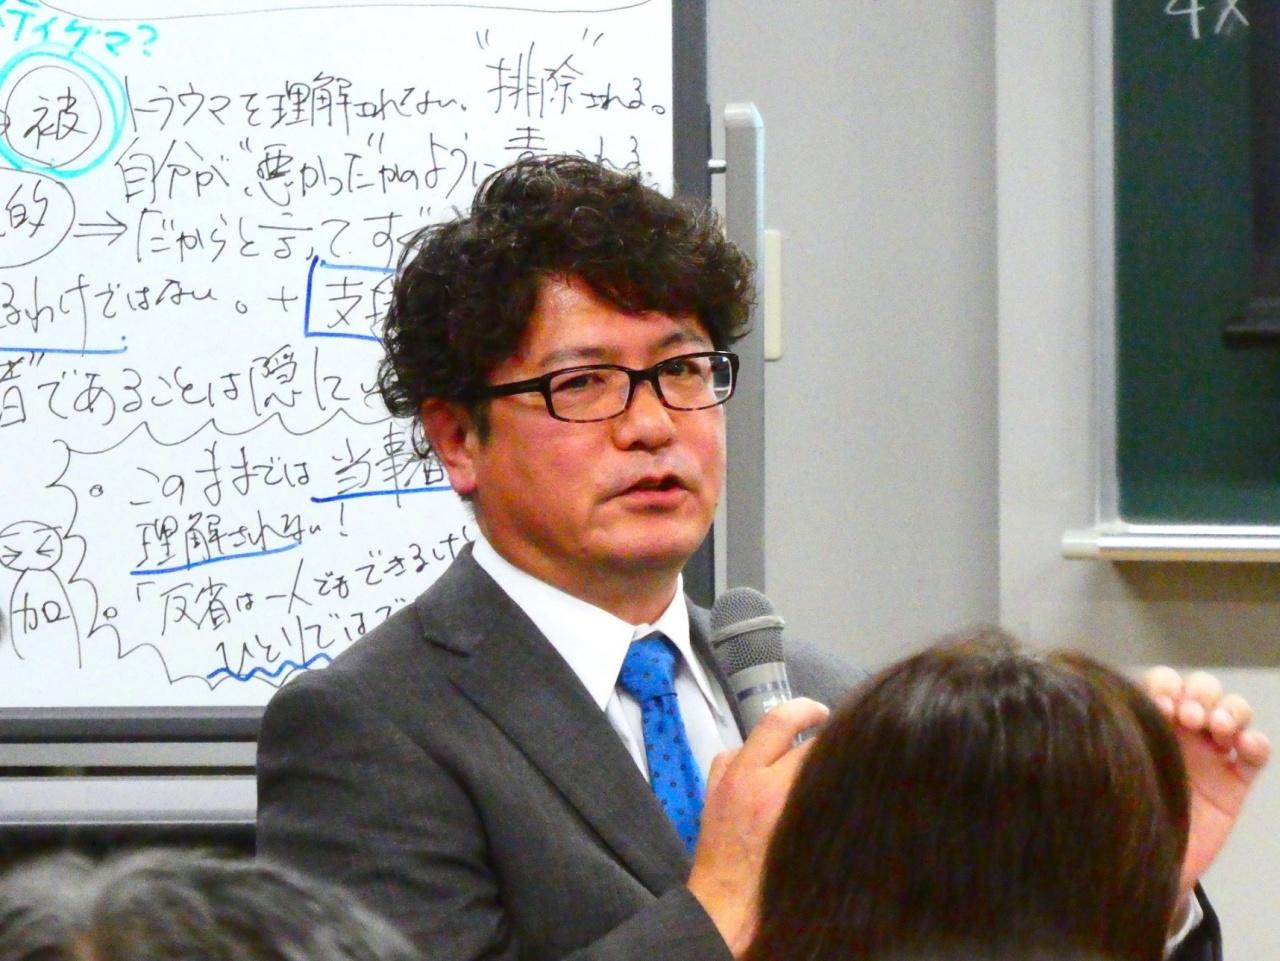 加藤武士氏(木津川ダルク/保護司/龍谷大学ATA-net研究センター招聘研究員)